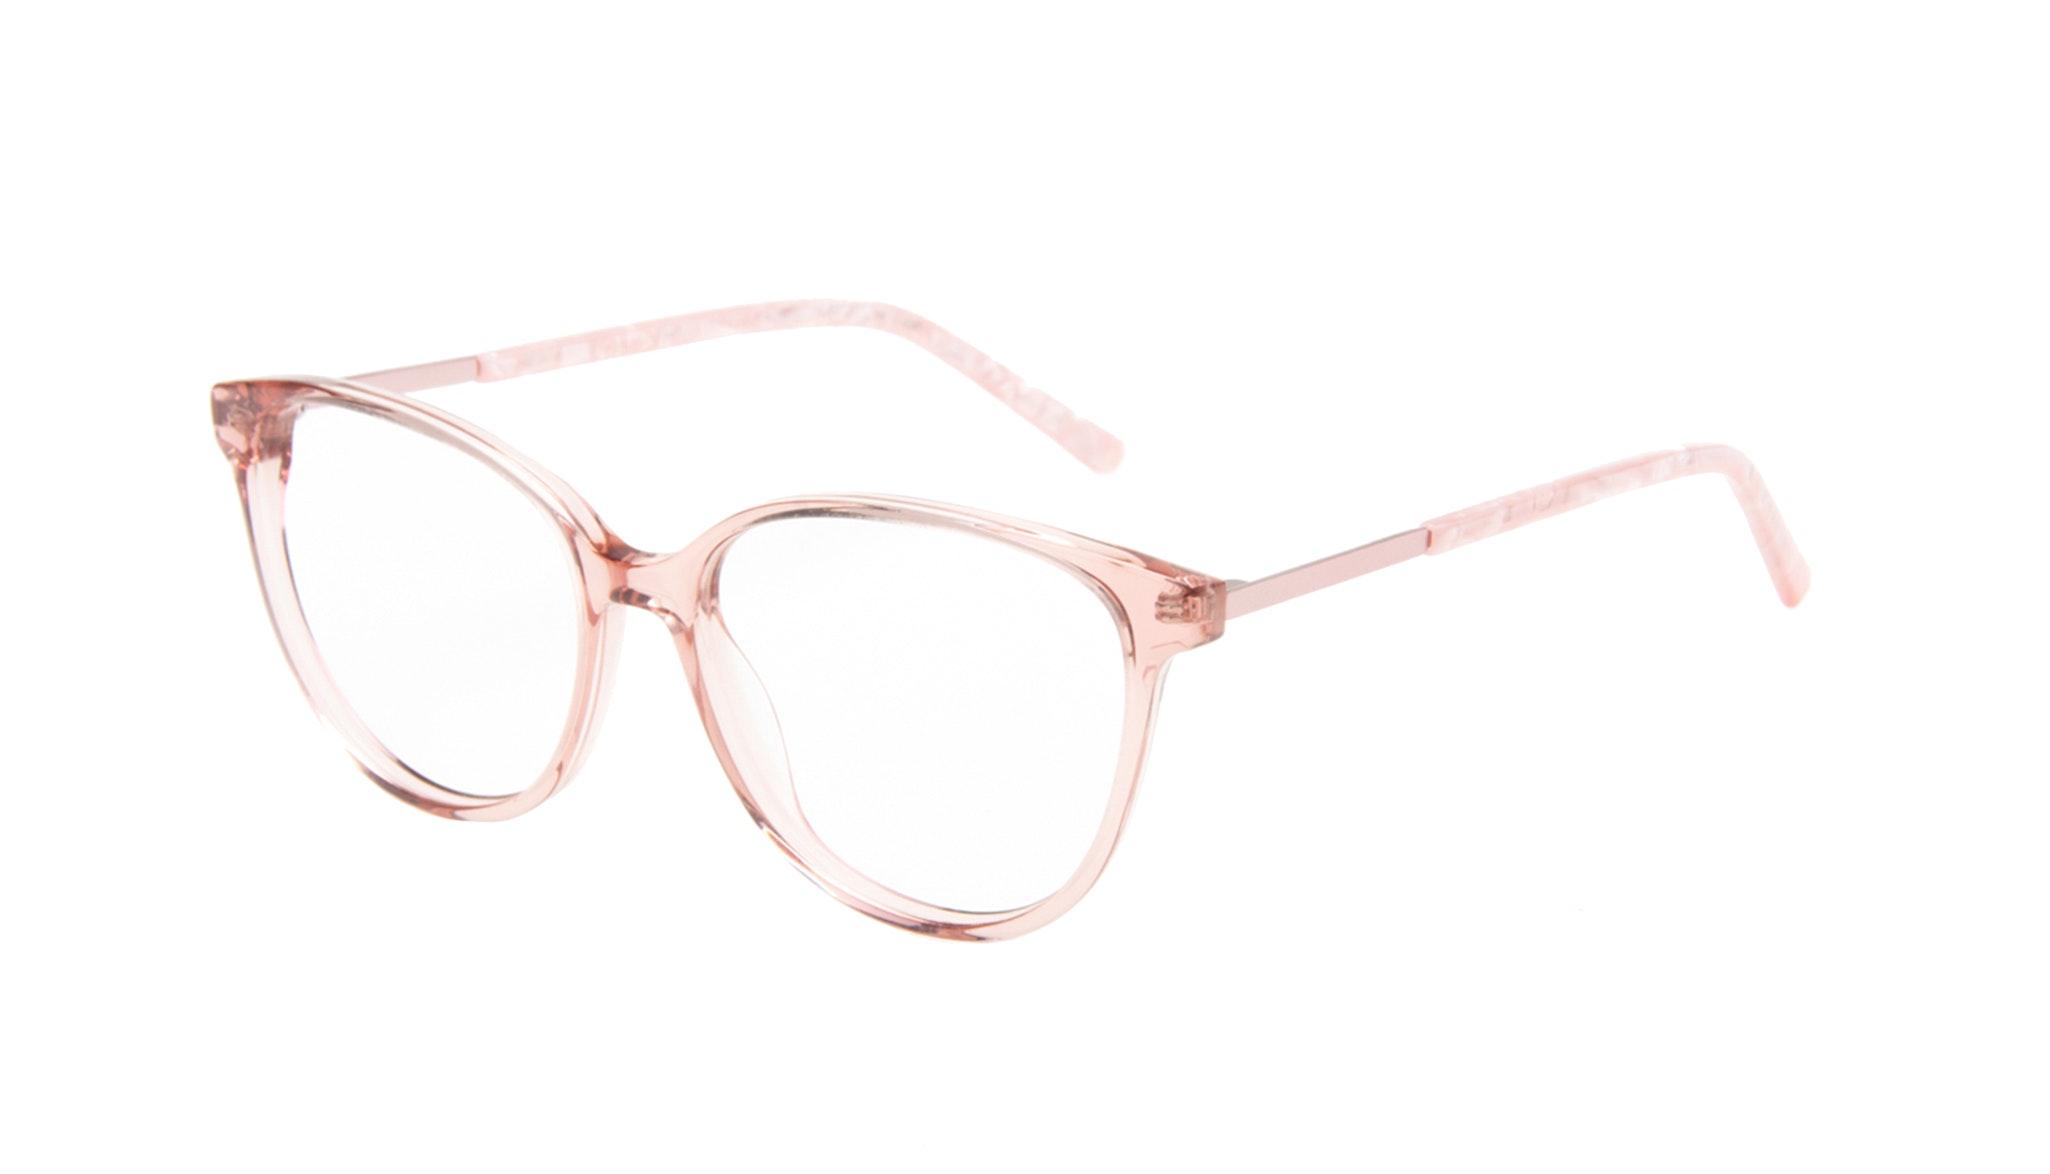 Lunettes tendance Ronde Lunettes de vue Femmes Imagine II Rose Marble Incliné